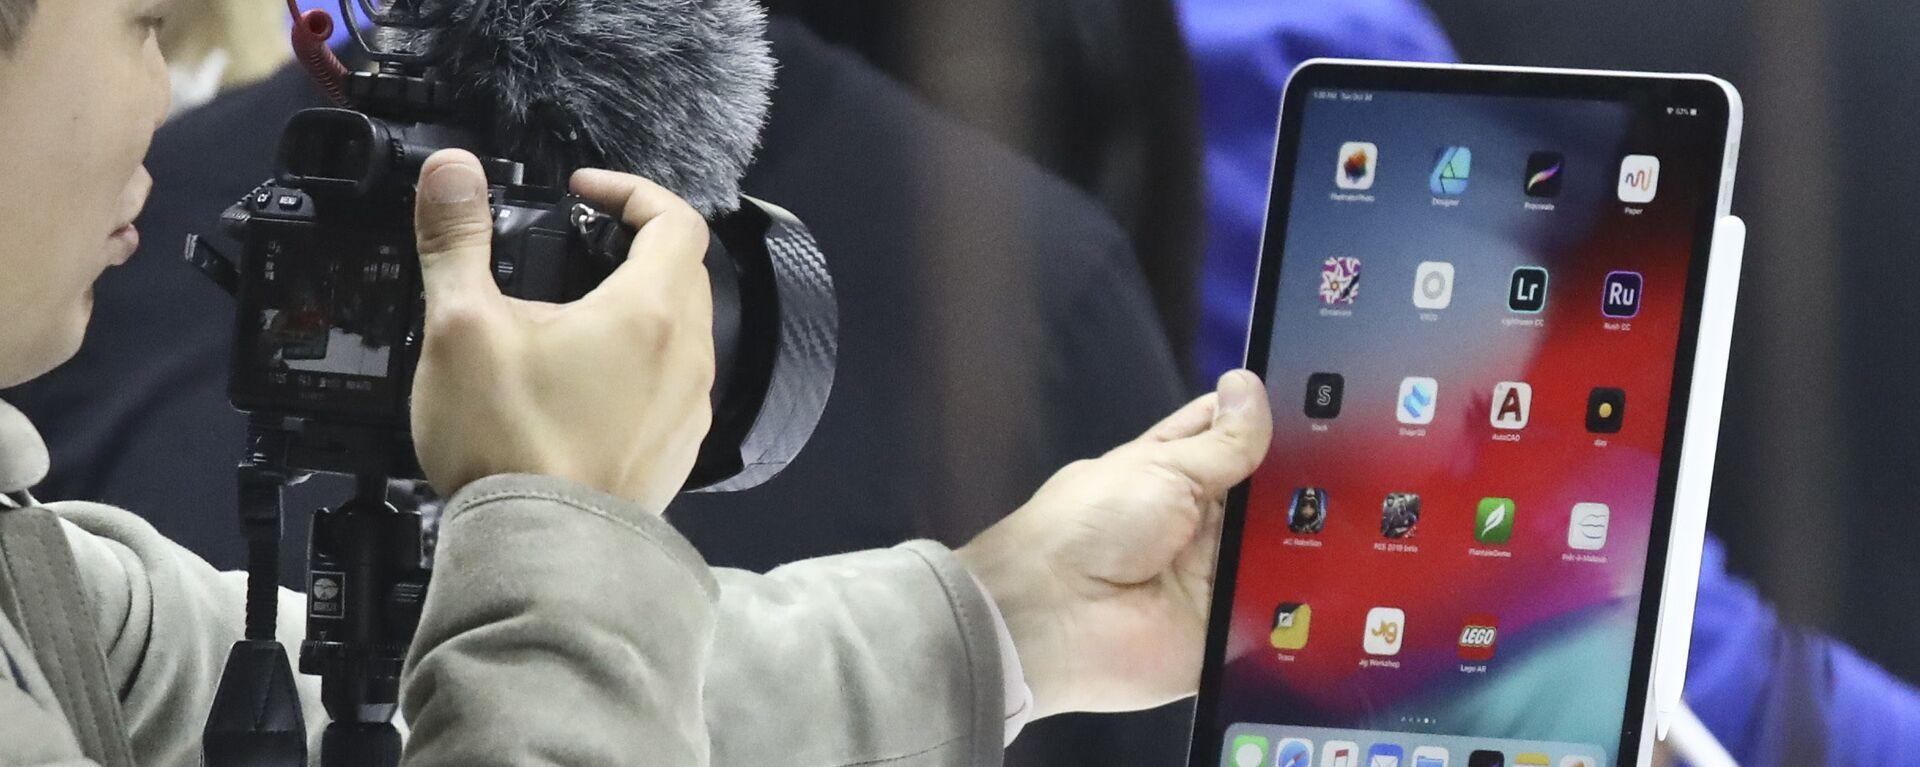 Nowy iPad Pro podczas prezentacji produktów Apple w Nowym Jorku   - Sputnik Polska, 1920, 09.09.2021